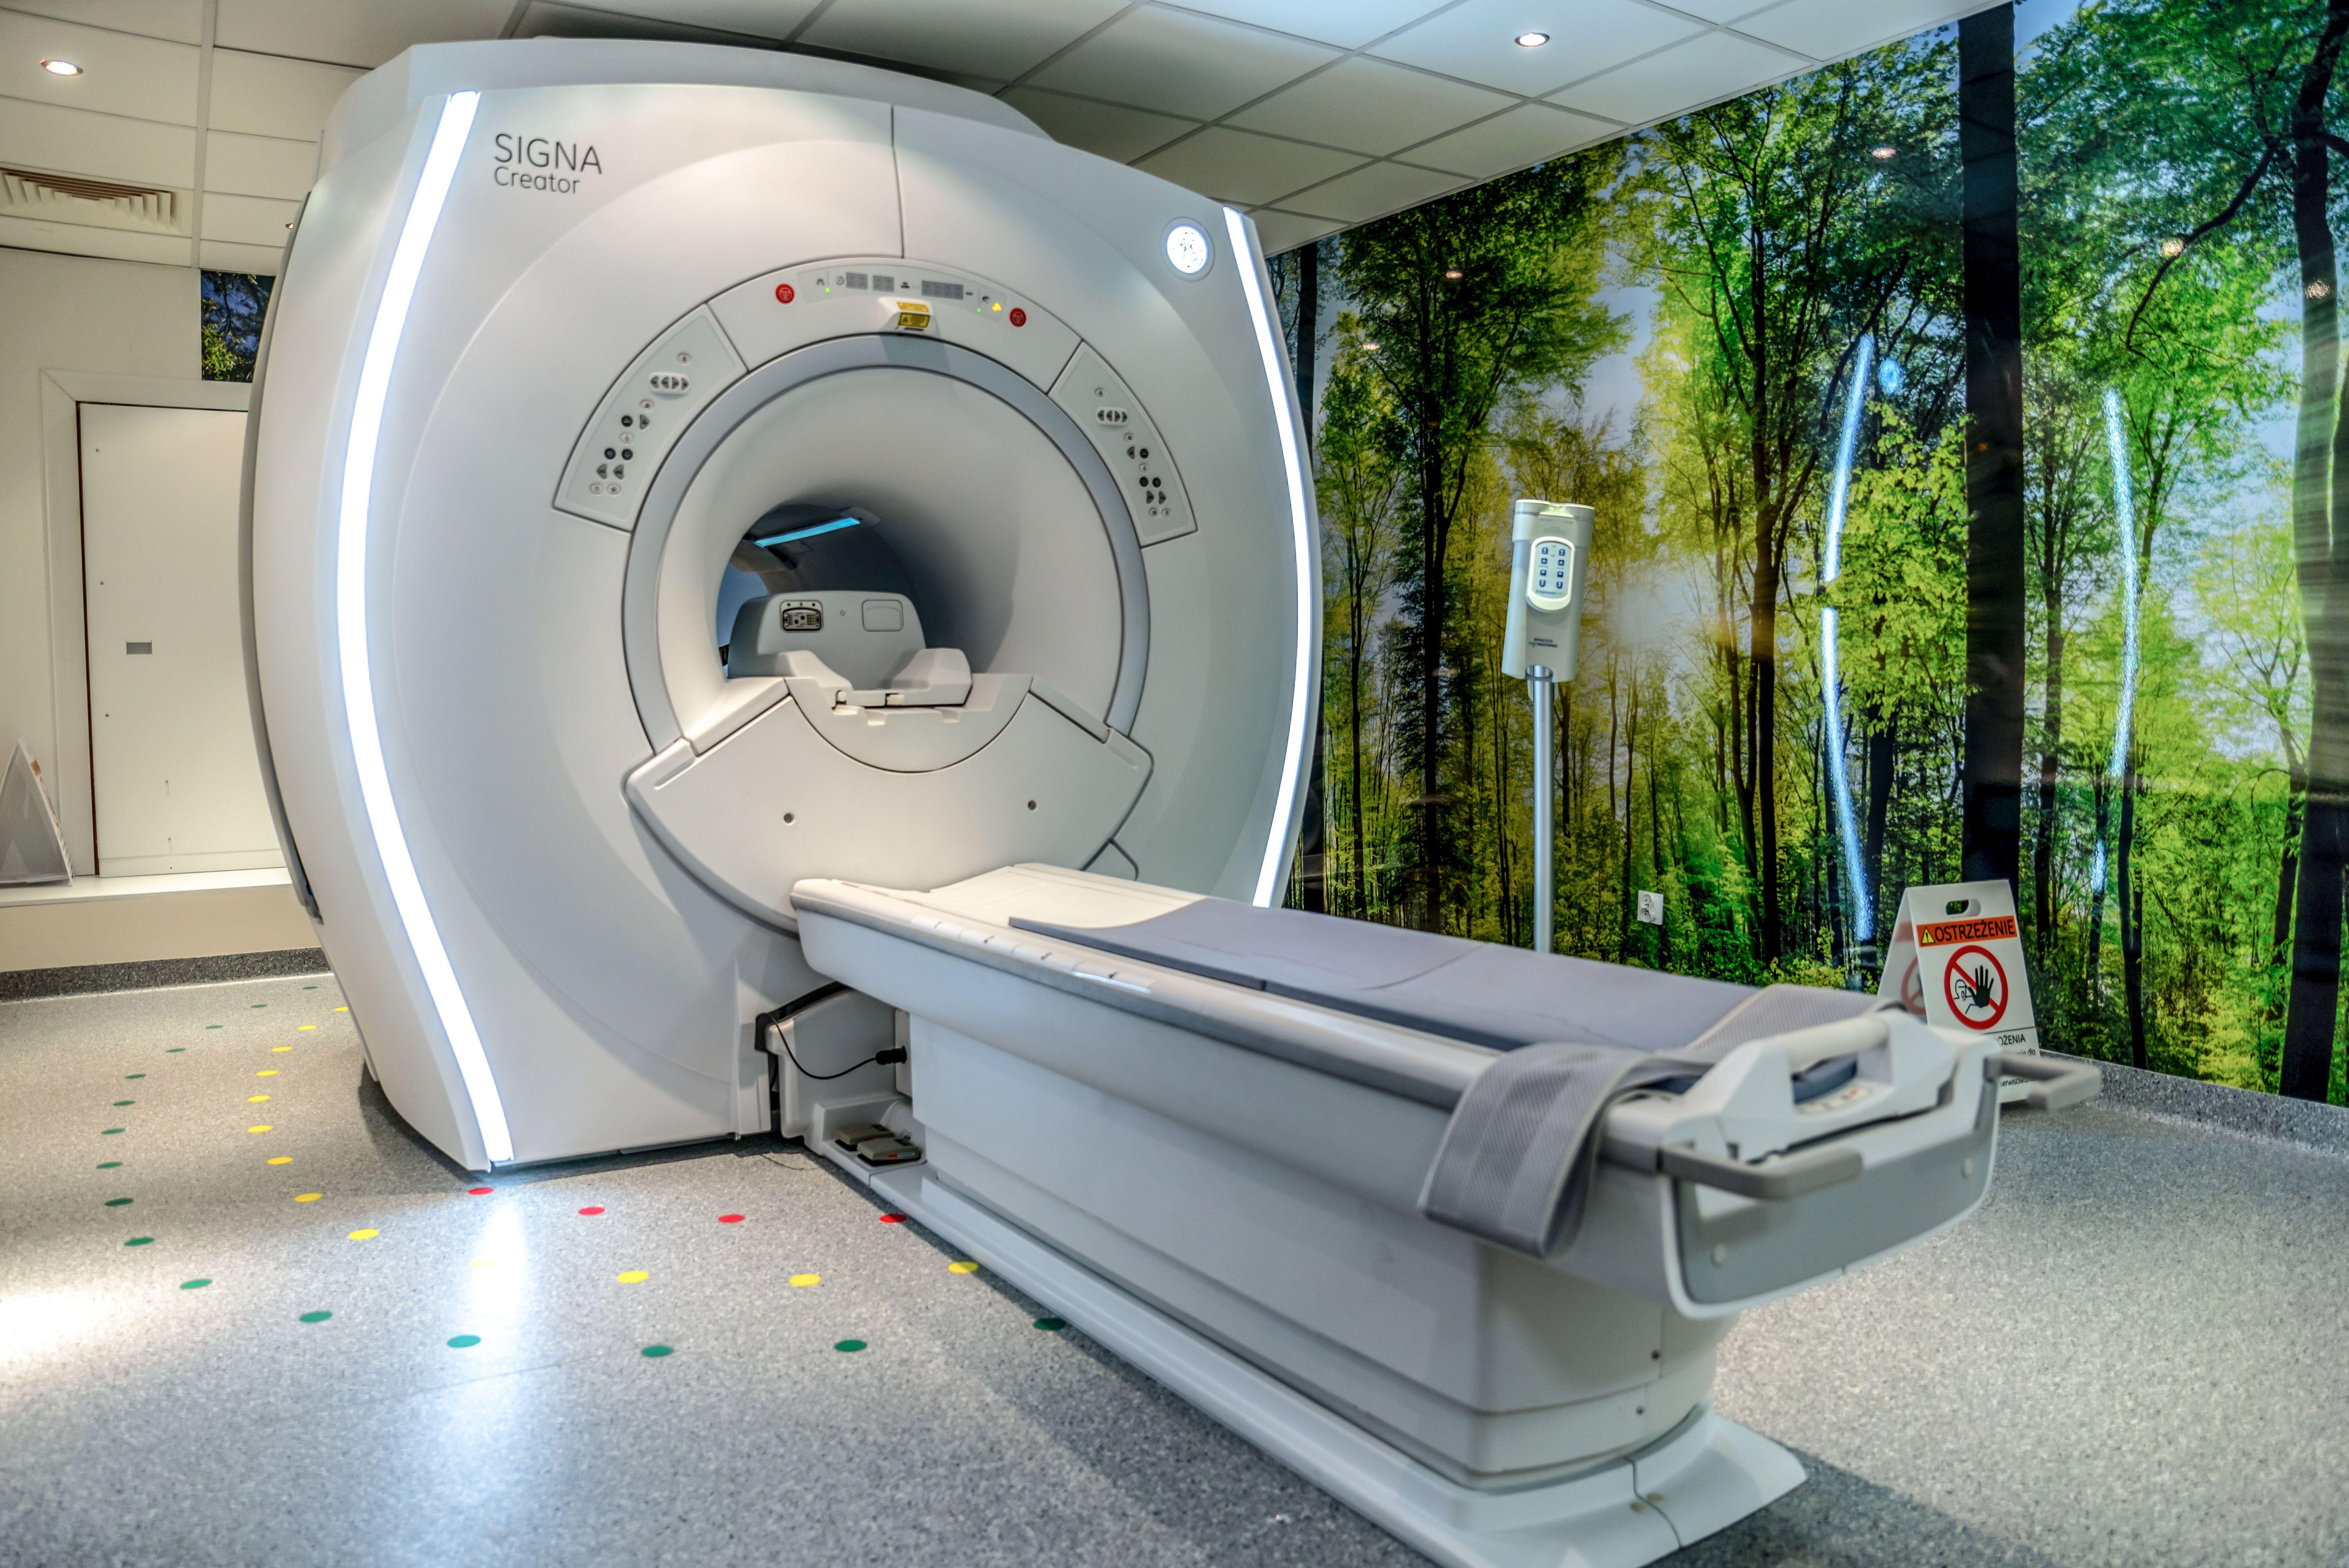 Rozwiązanie BrainScan wykorzystuje już PZU Zdrowie (fot. mat. pras.)